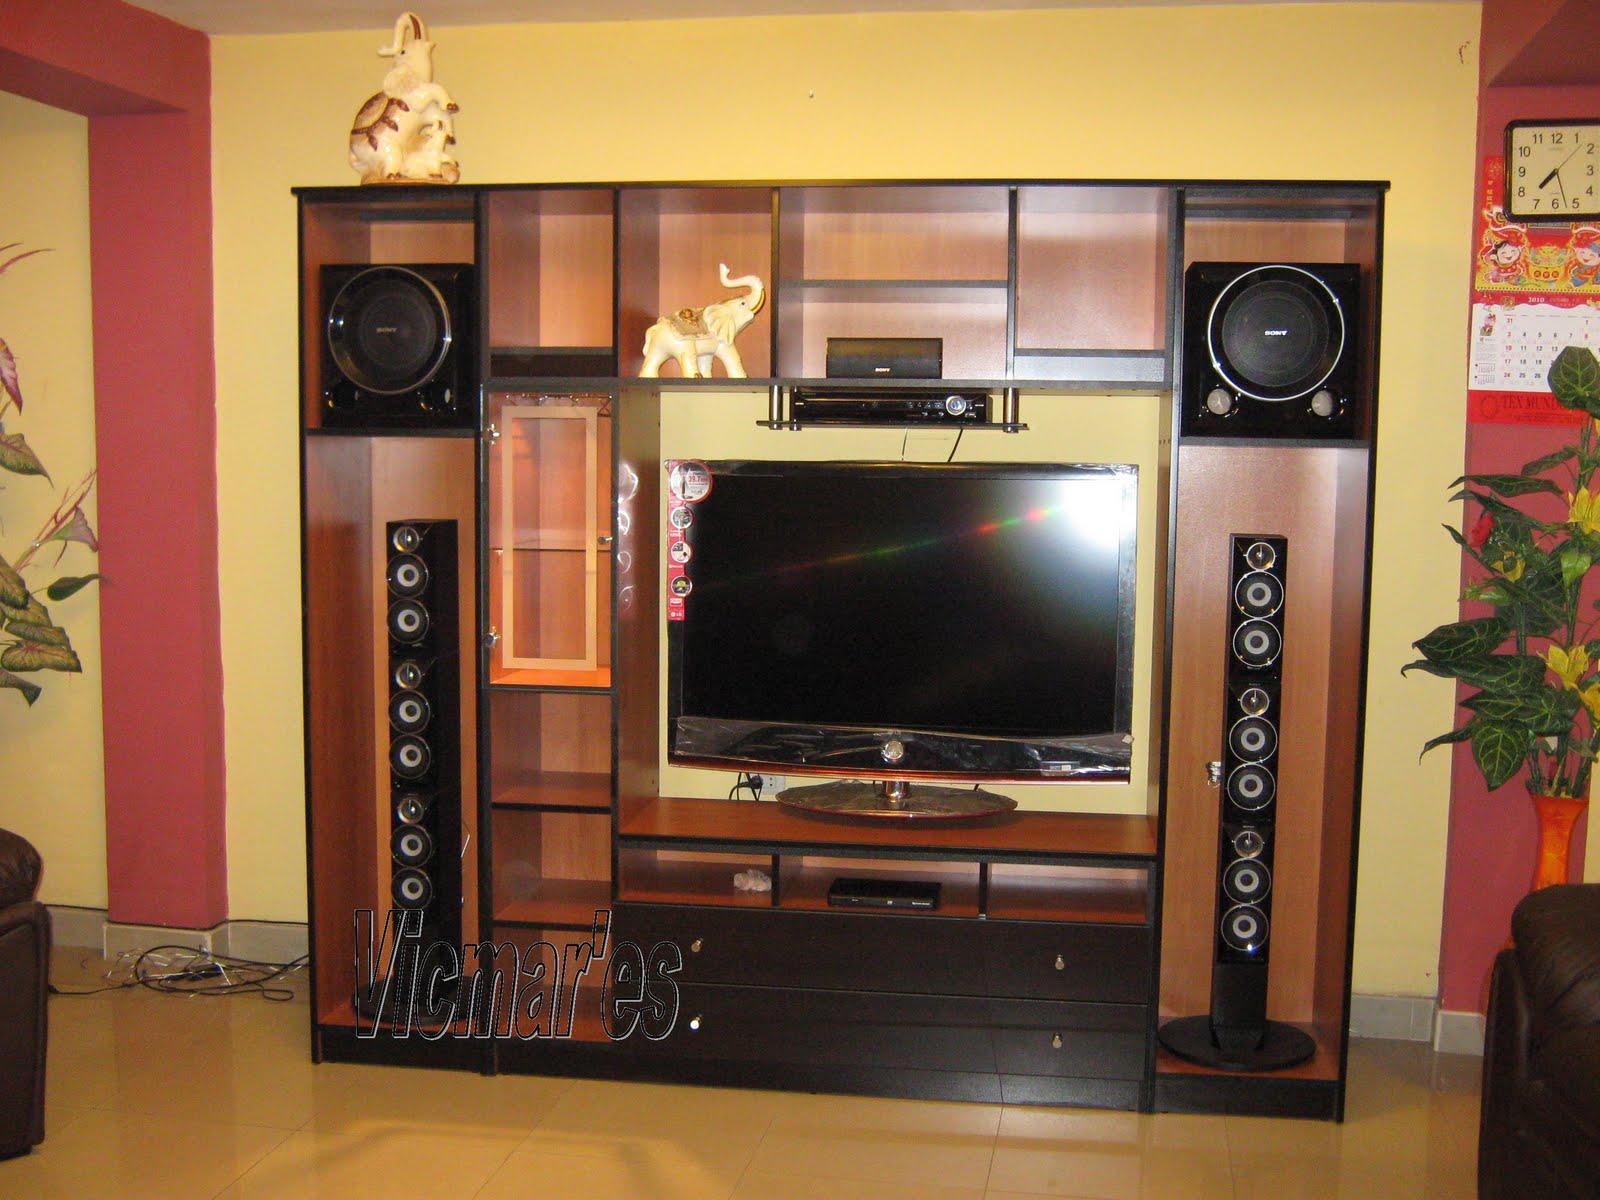 Mueble de entretenimiento muebles vicmares for Mueble de entretenimiento